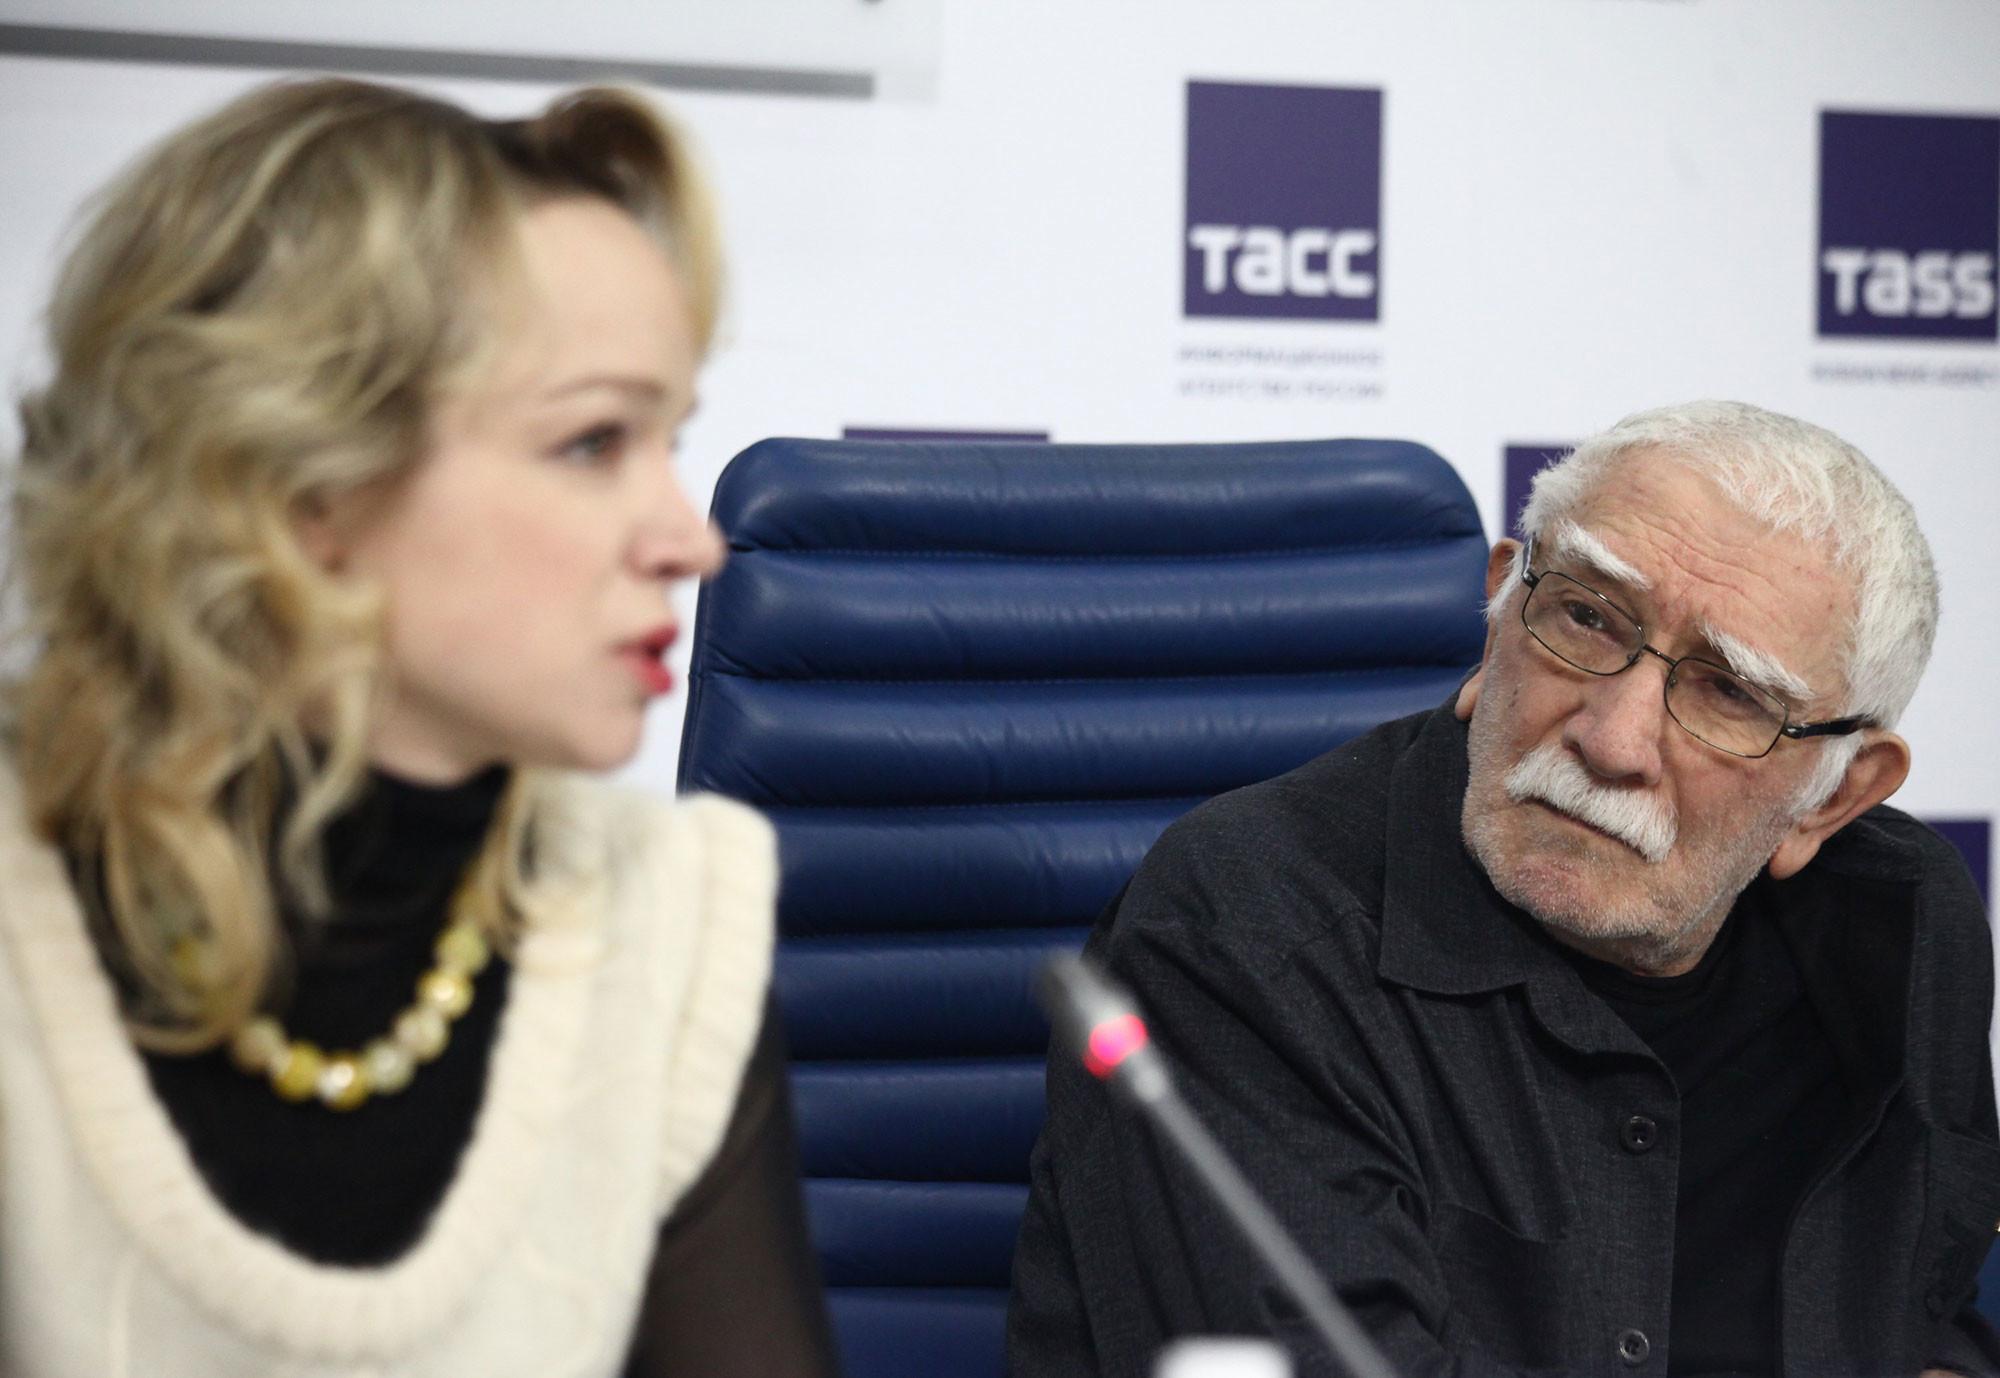 """Фото: © агентство городских новостей """"Москва"""" / Сергей Ведяшкин"""